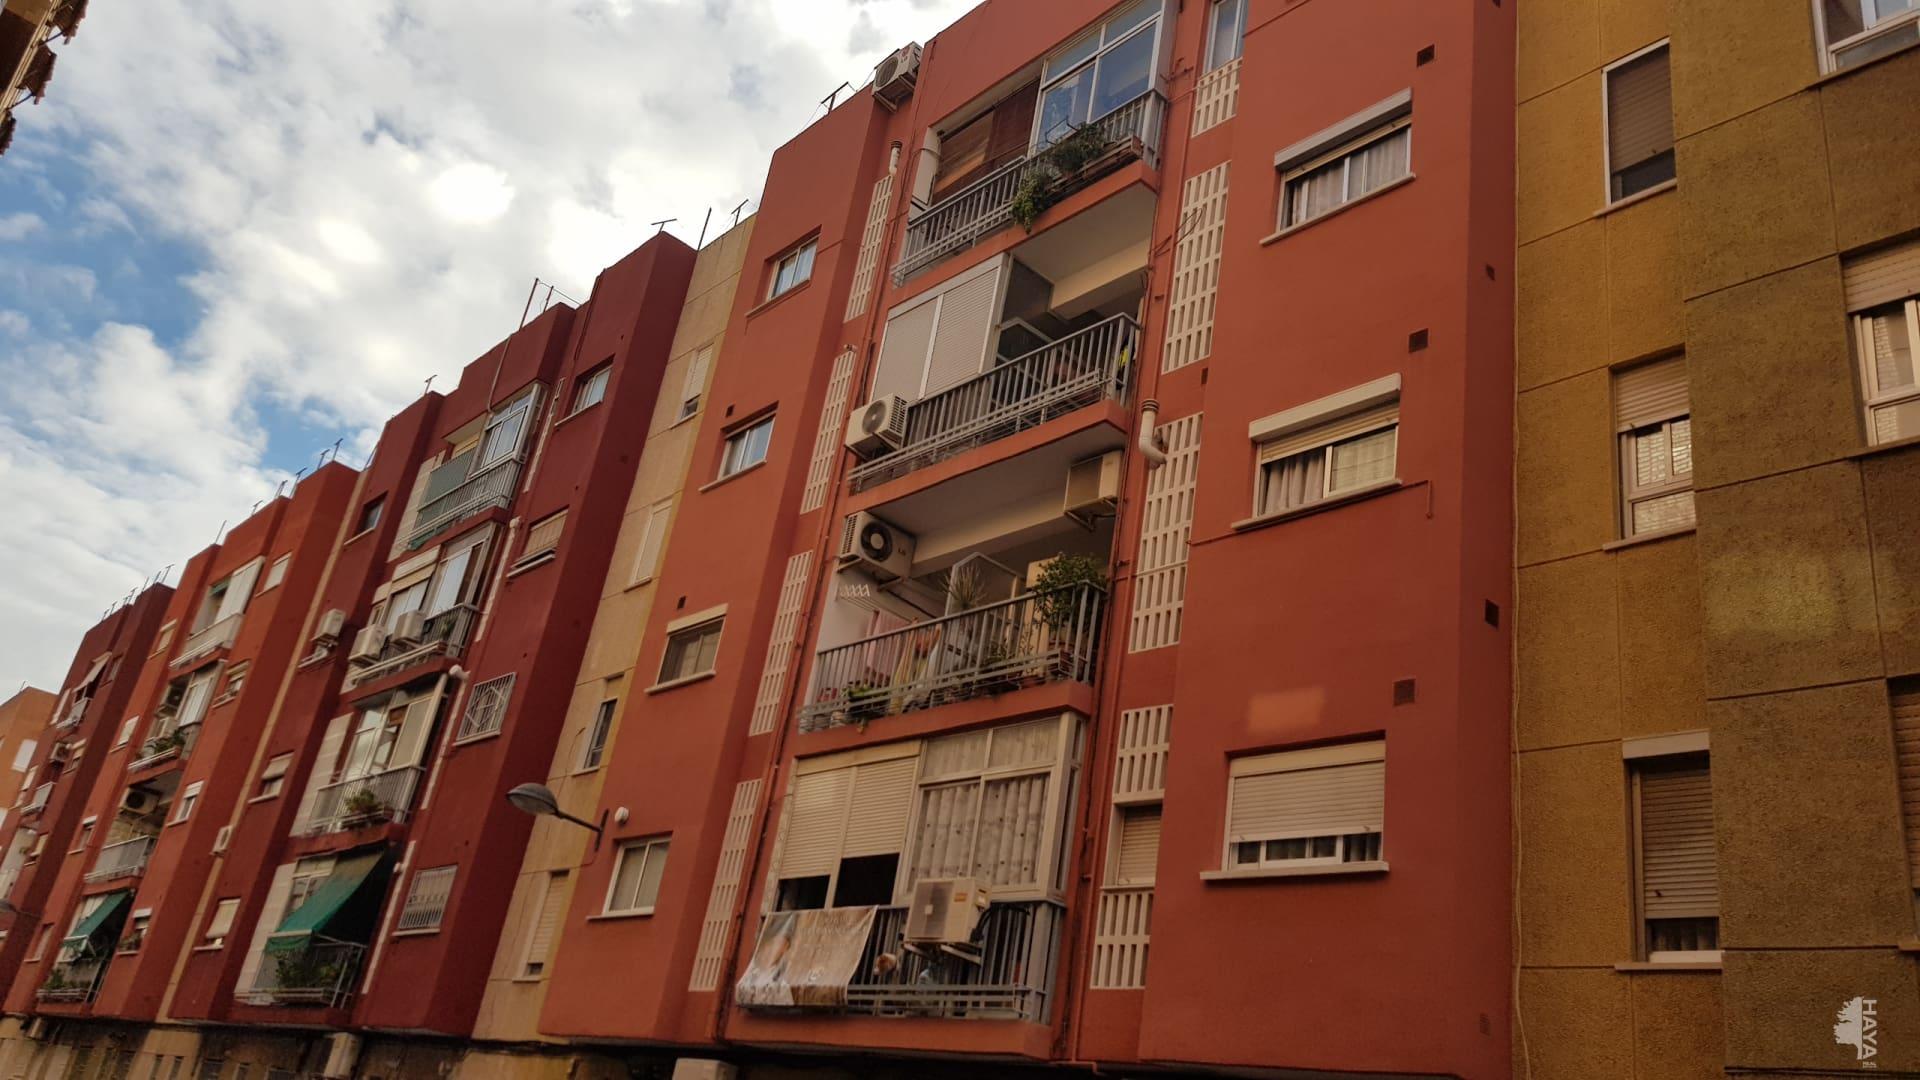 Piso en venta en Monte Vedat, Alaquàs, Valencia, Calle San Juan de Ribera, 57.746 €, 3 habitaciones, 1 baño, 87 m2